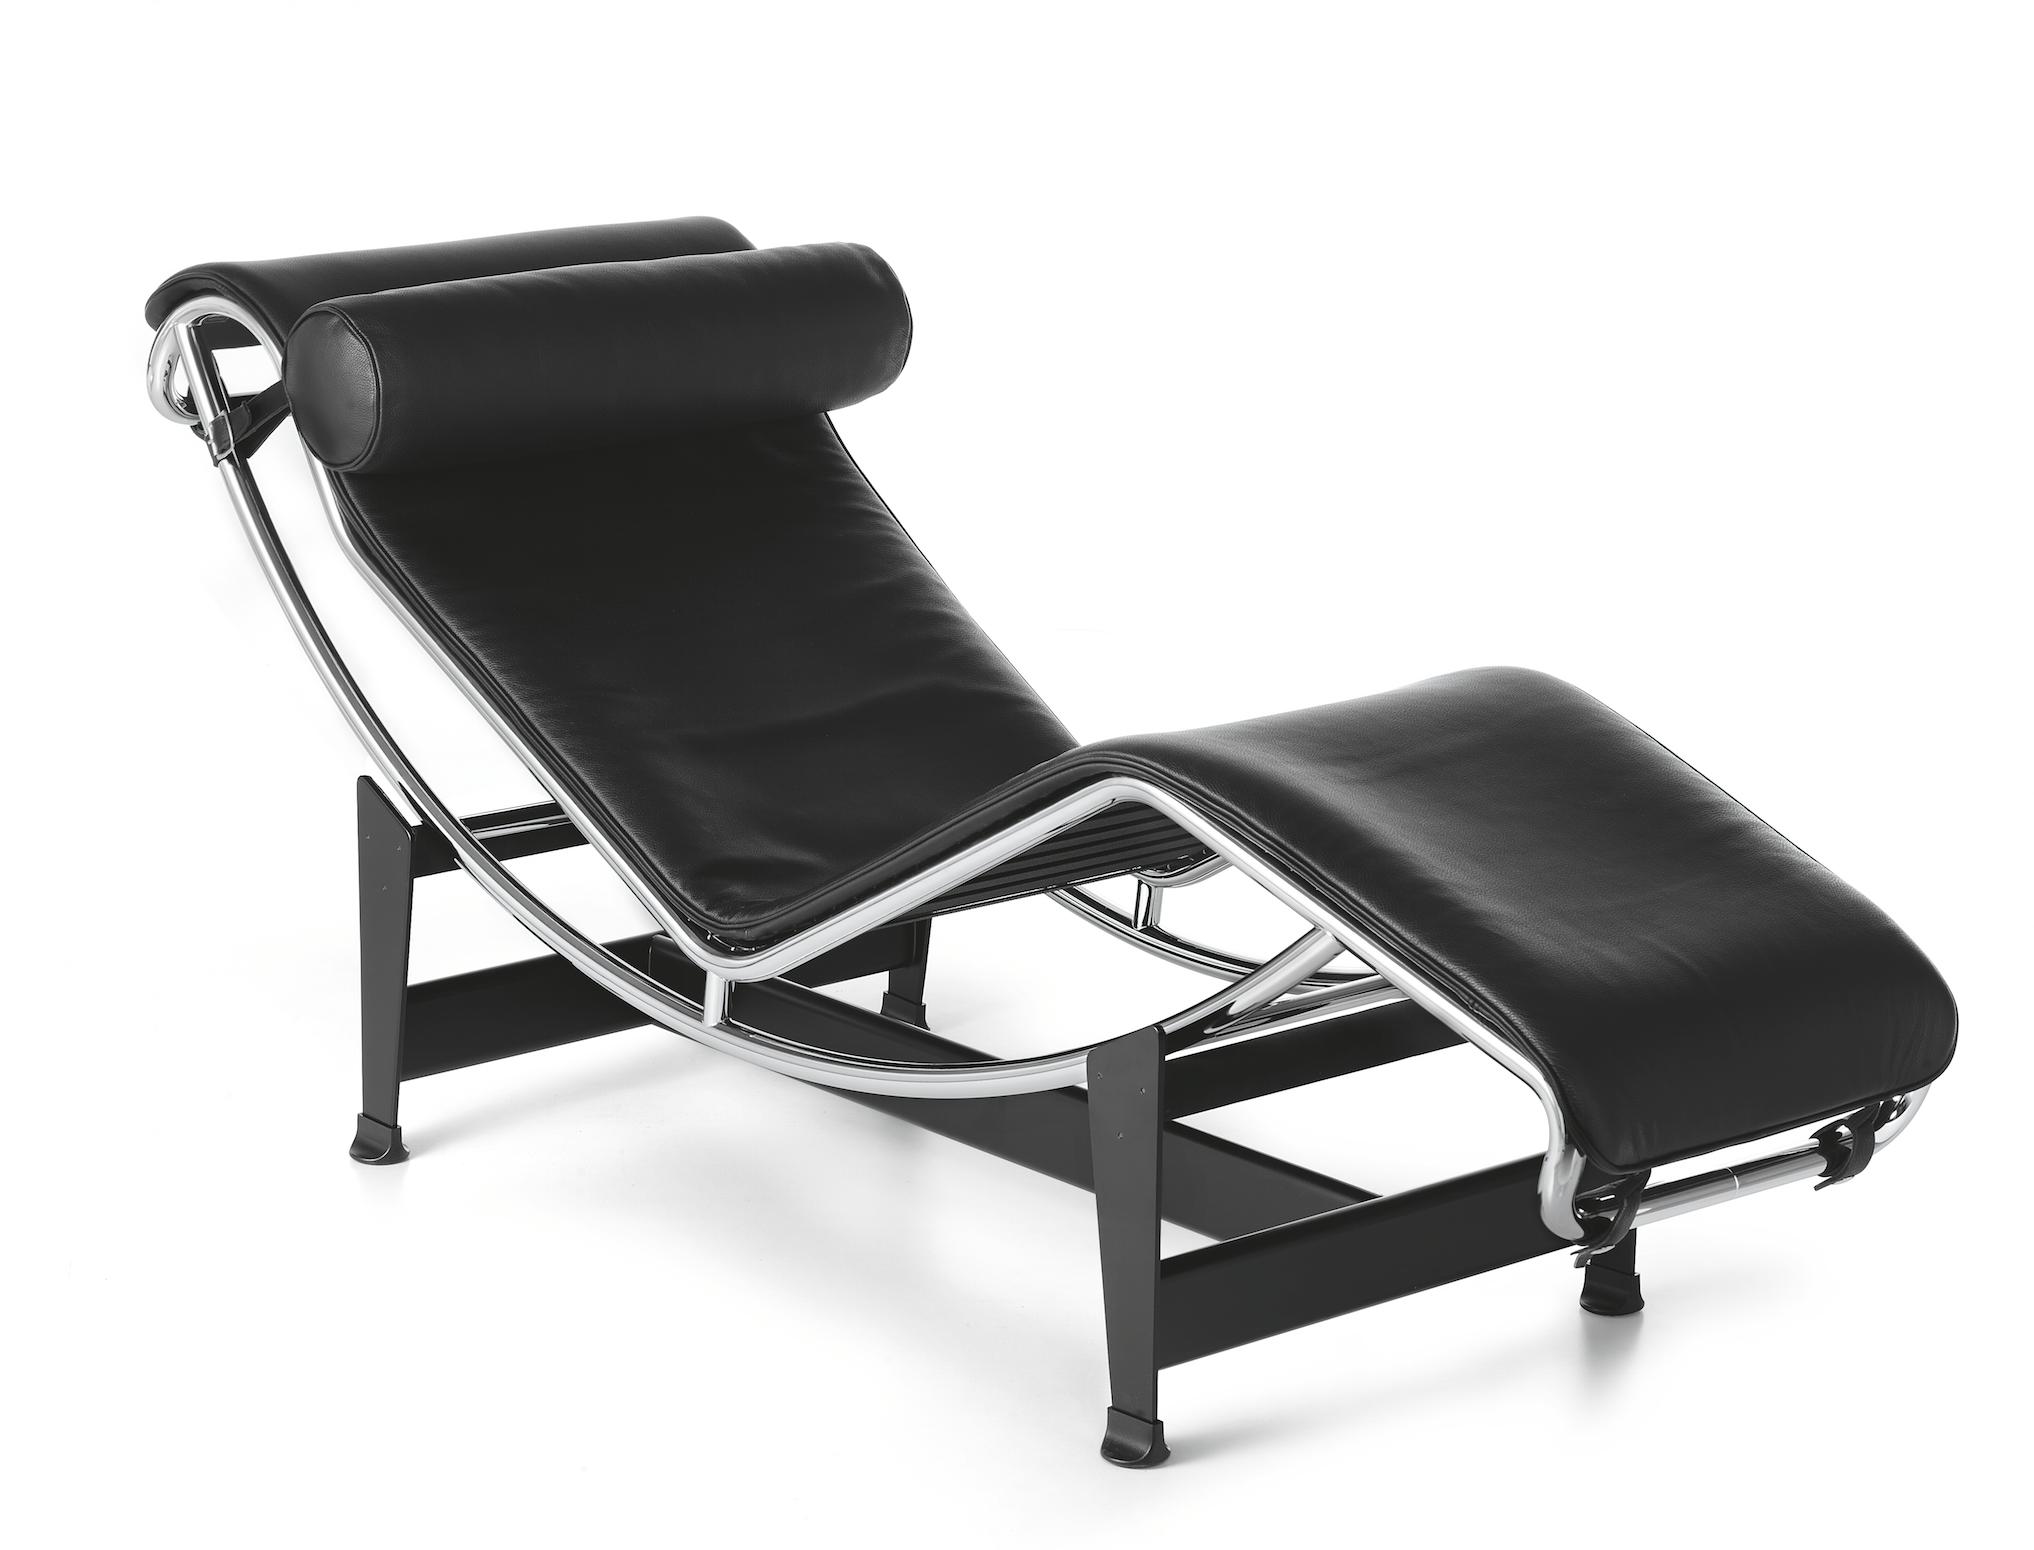 Le Corbusier Collection by Cassina -20% OFF- - Op de gehele Corbusier collectie van Cassina